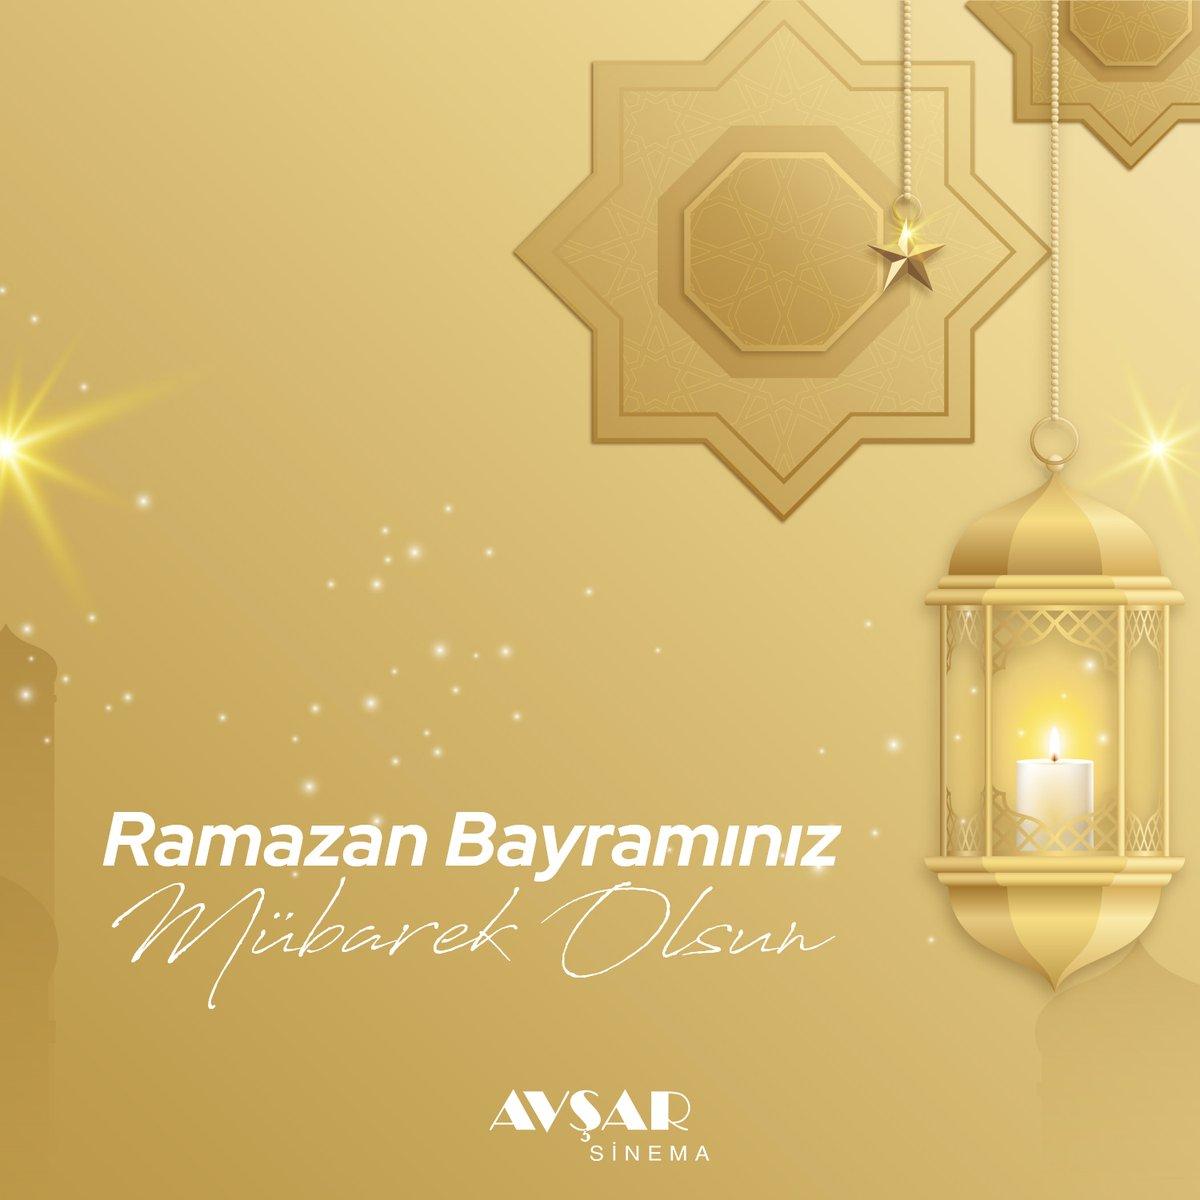 Ramazan Bayramınız Mübarek Olsun..   #RamazanBayramı https://t.co/RD9XSmasGC